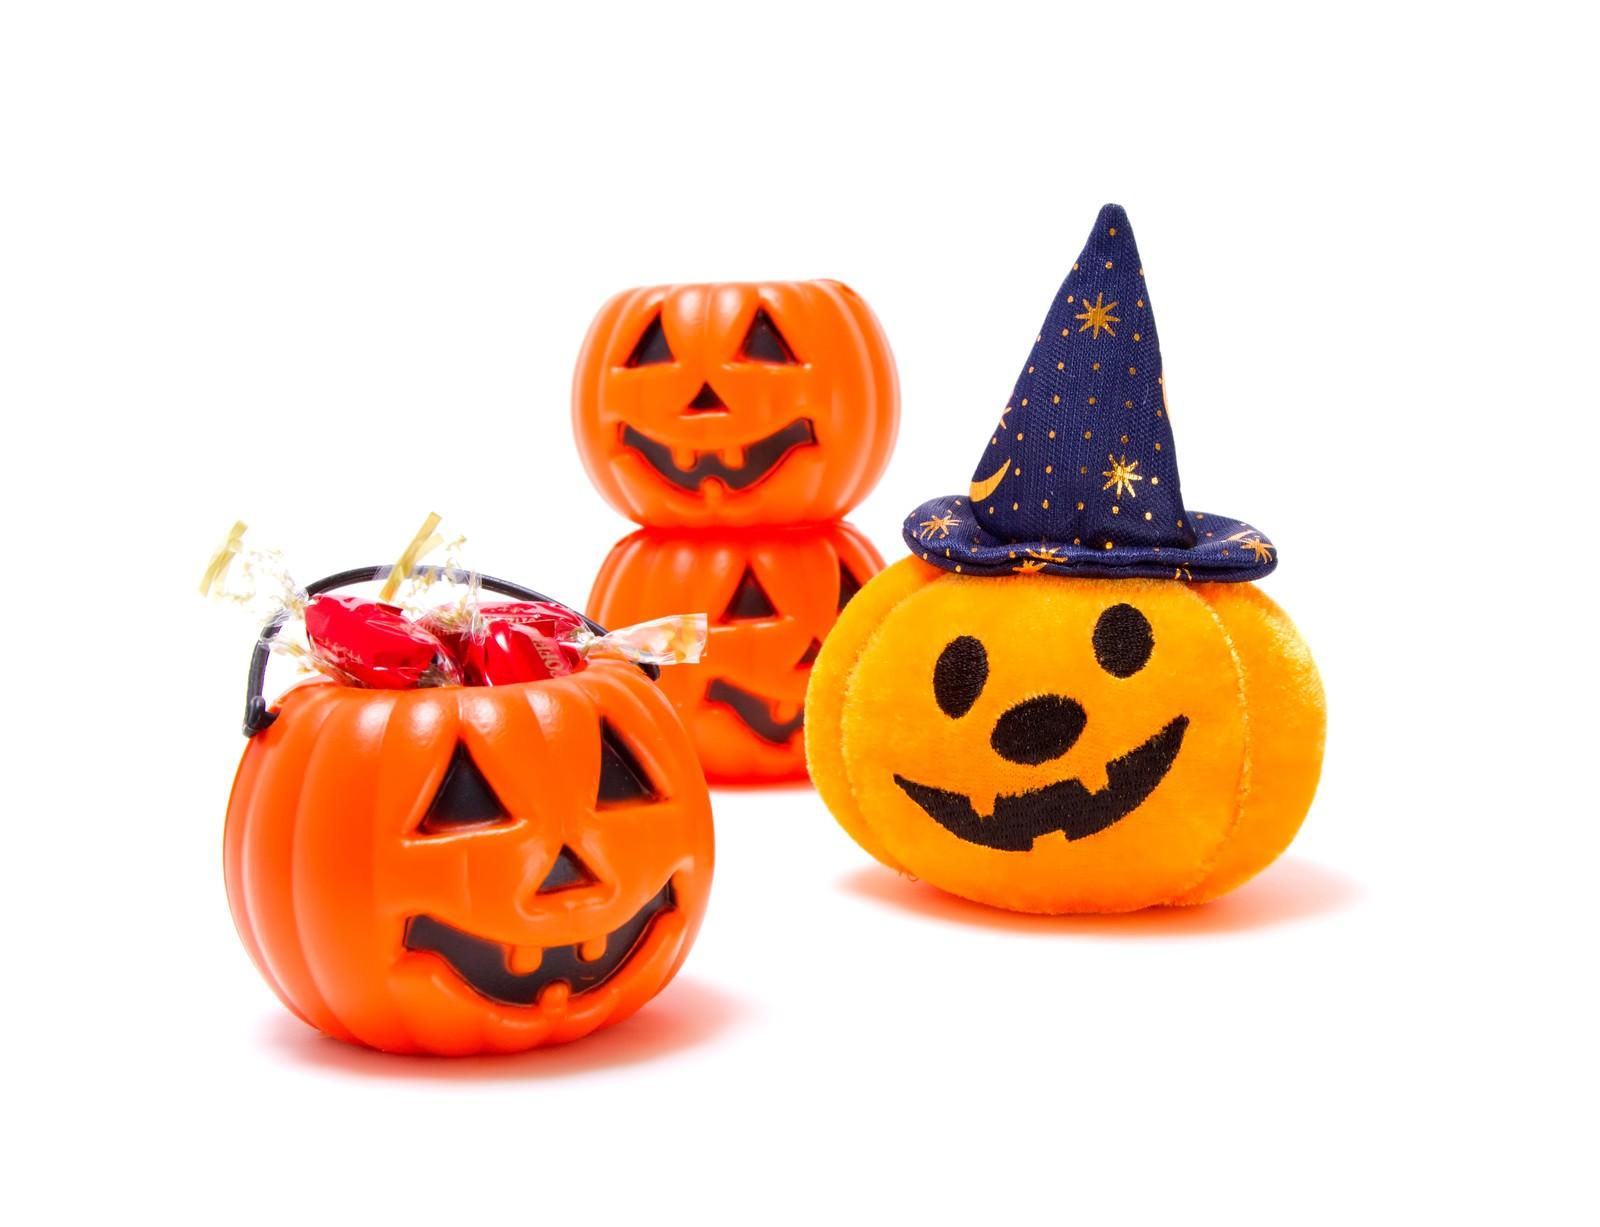 「ゆる顔のハロウィンかぼちゃ」の写真